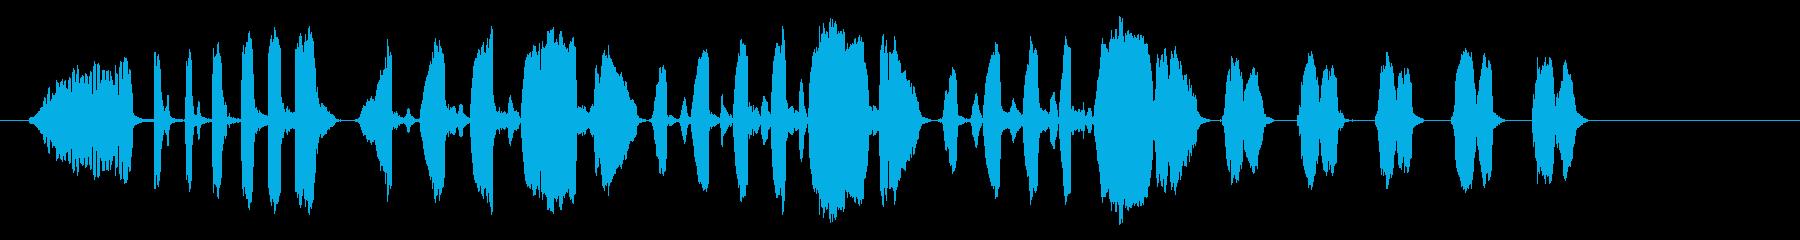 ラピッド・トワールズ-(ウィズ・ホ...の再生済みの波形